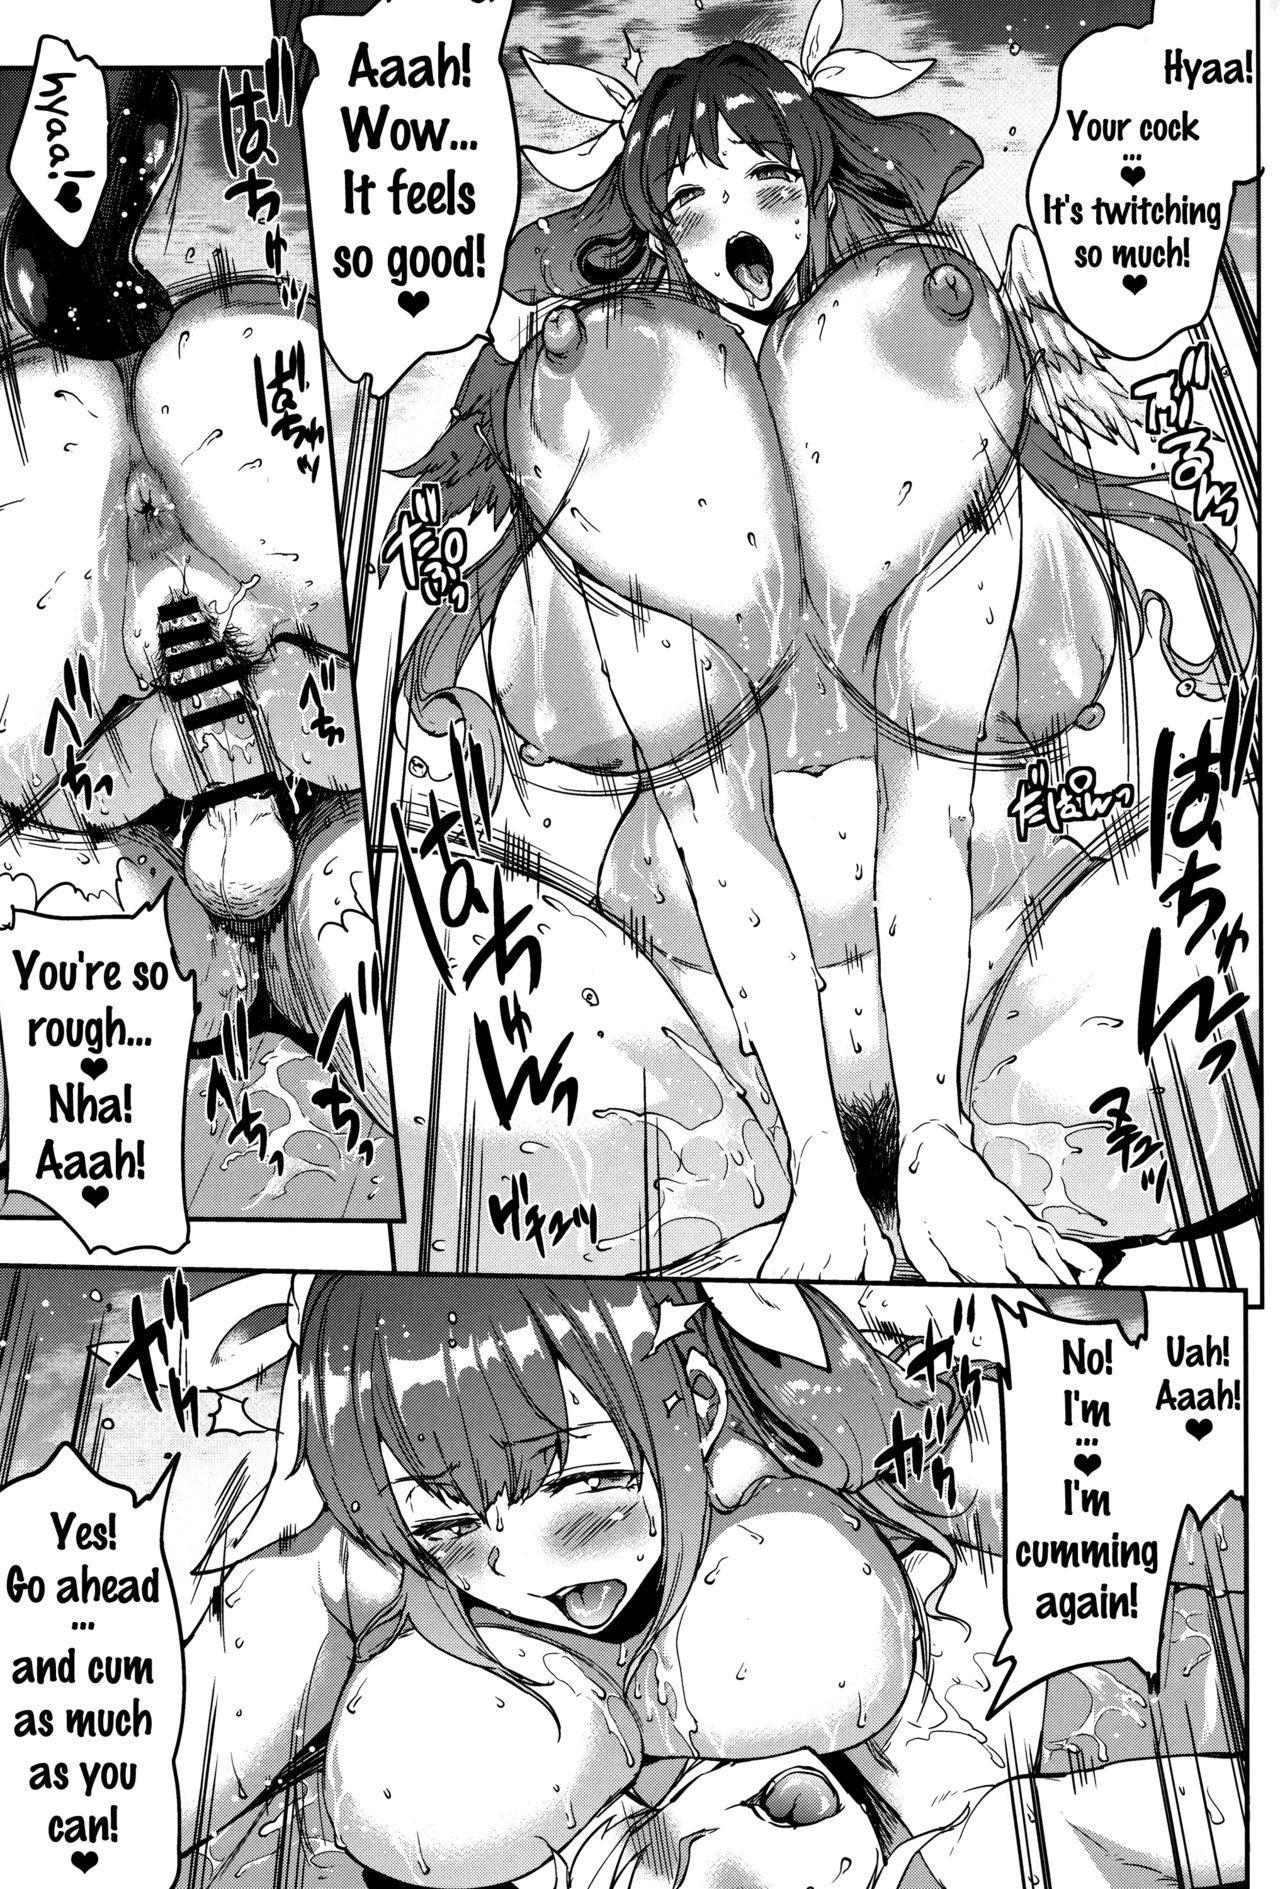 (C91) [ERECT TOUCH (Erect Sawaru)] Osanazuma Bakunyuu Nurunuru Soap-jou | Big-Breasted Soapy Massage Giving Young Wife (Guilty Gear) [English] {doujins.com} 19